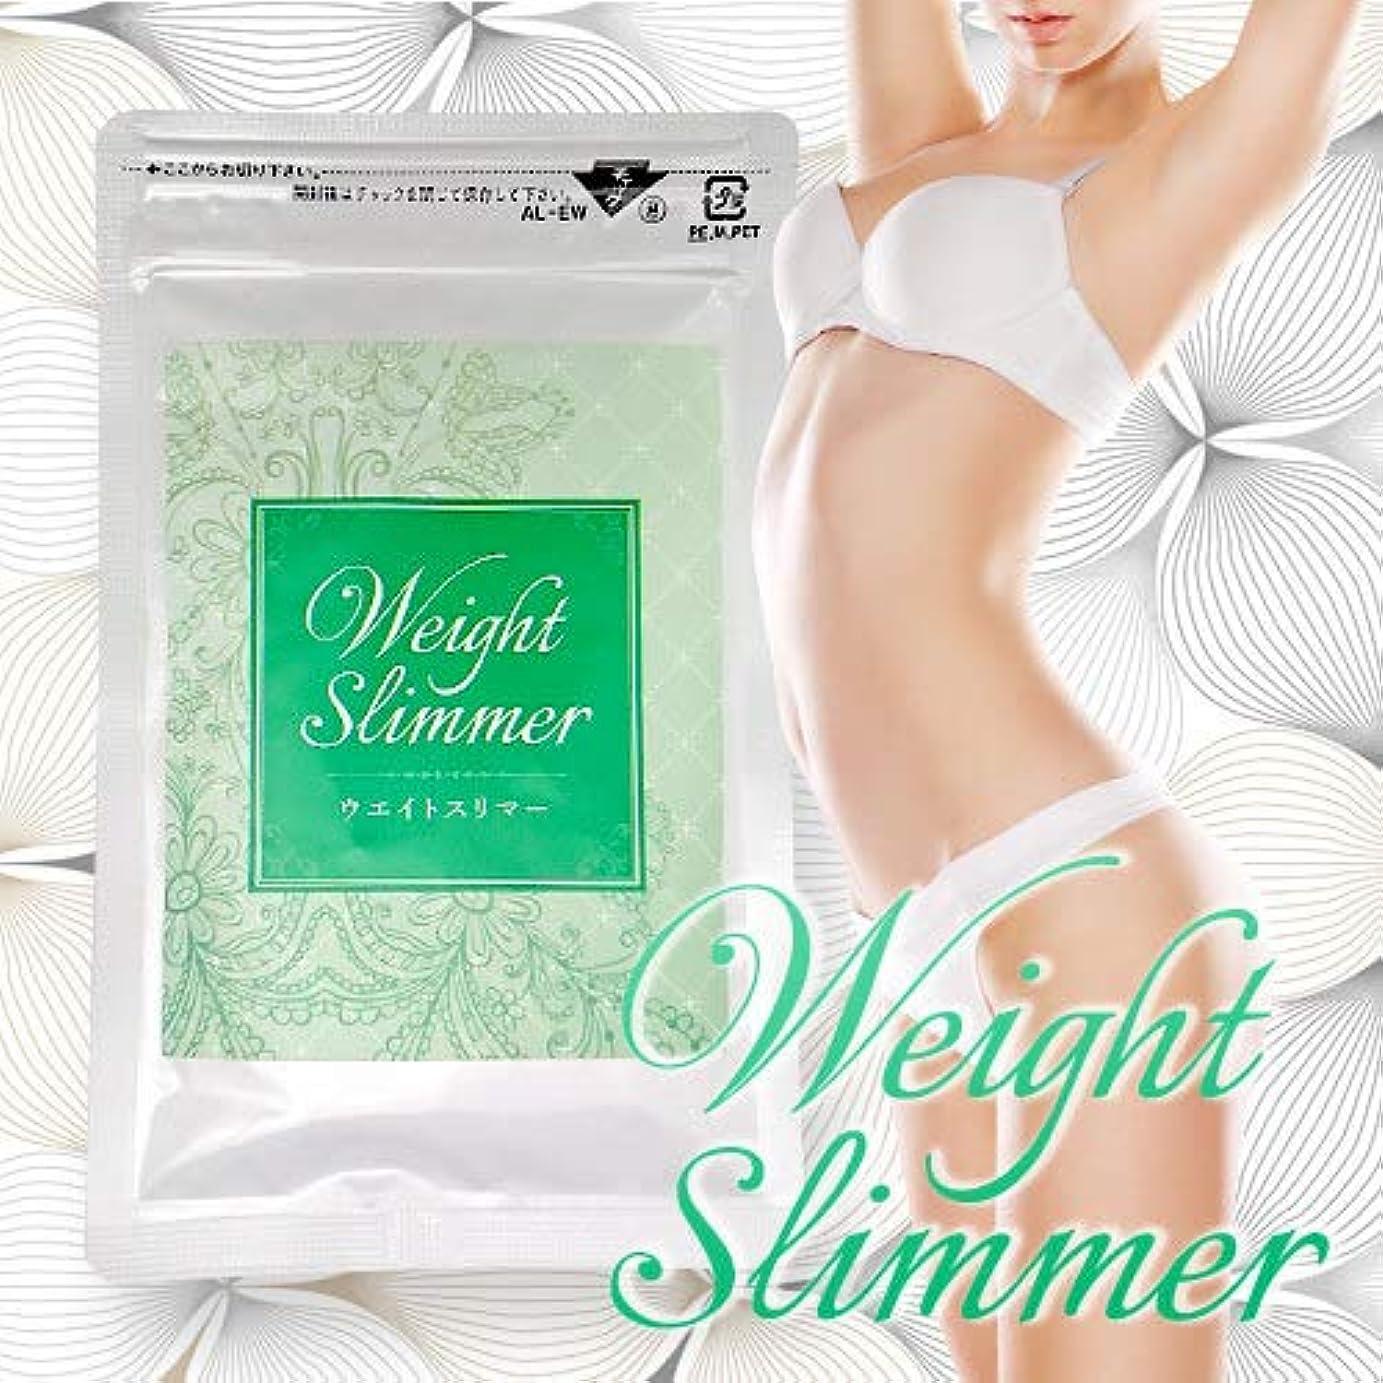 サイズ延期する混乱ウェイトスリマー Weight Slimmer ダイエット ダイエットサプリメント